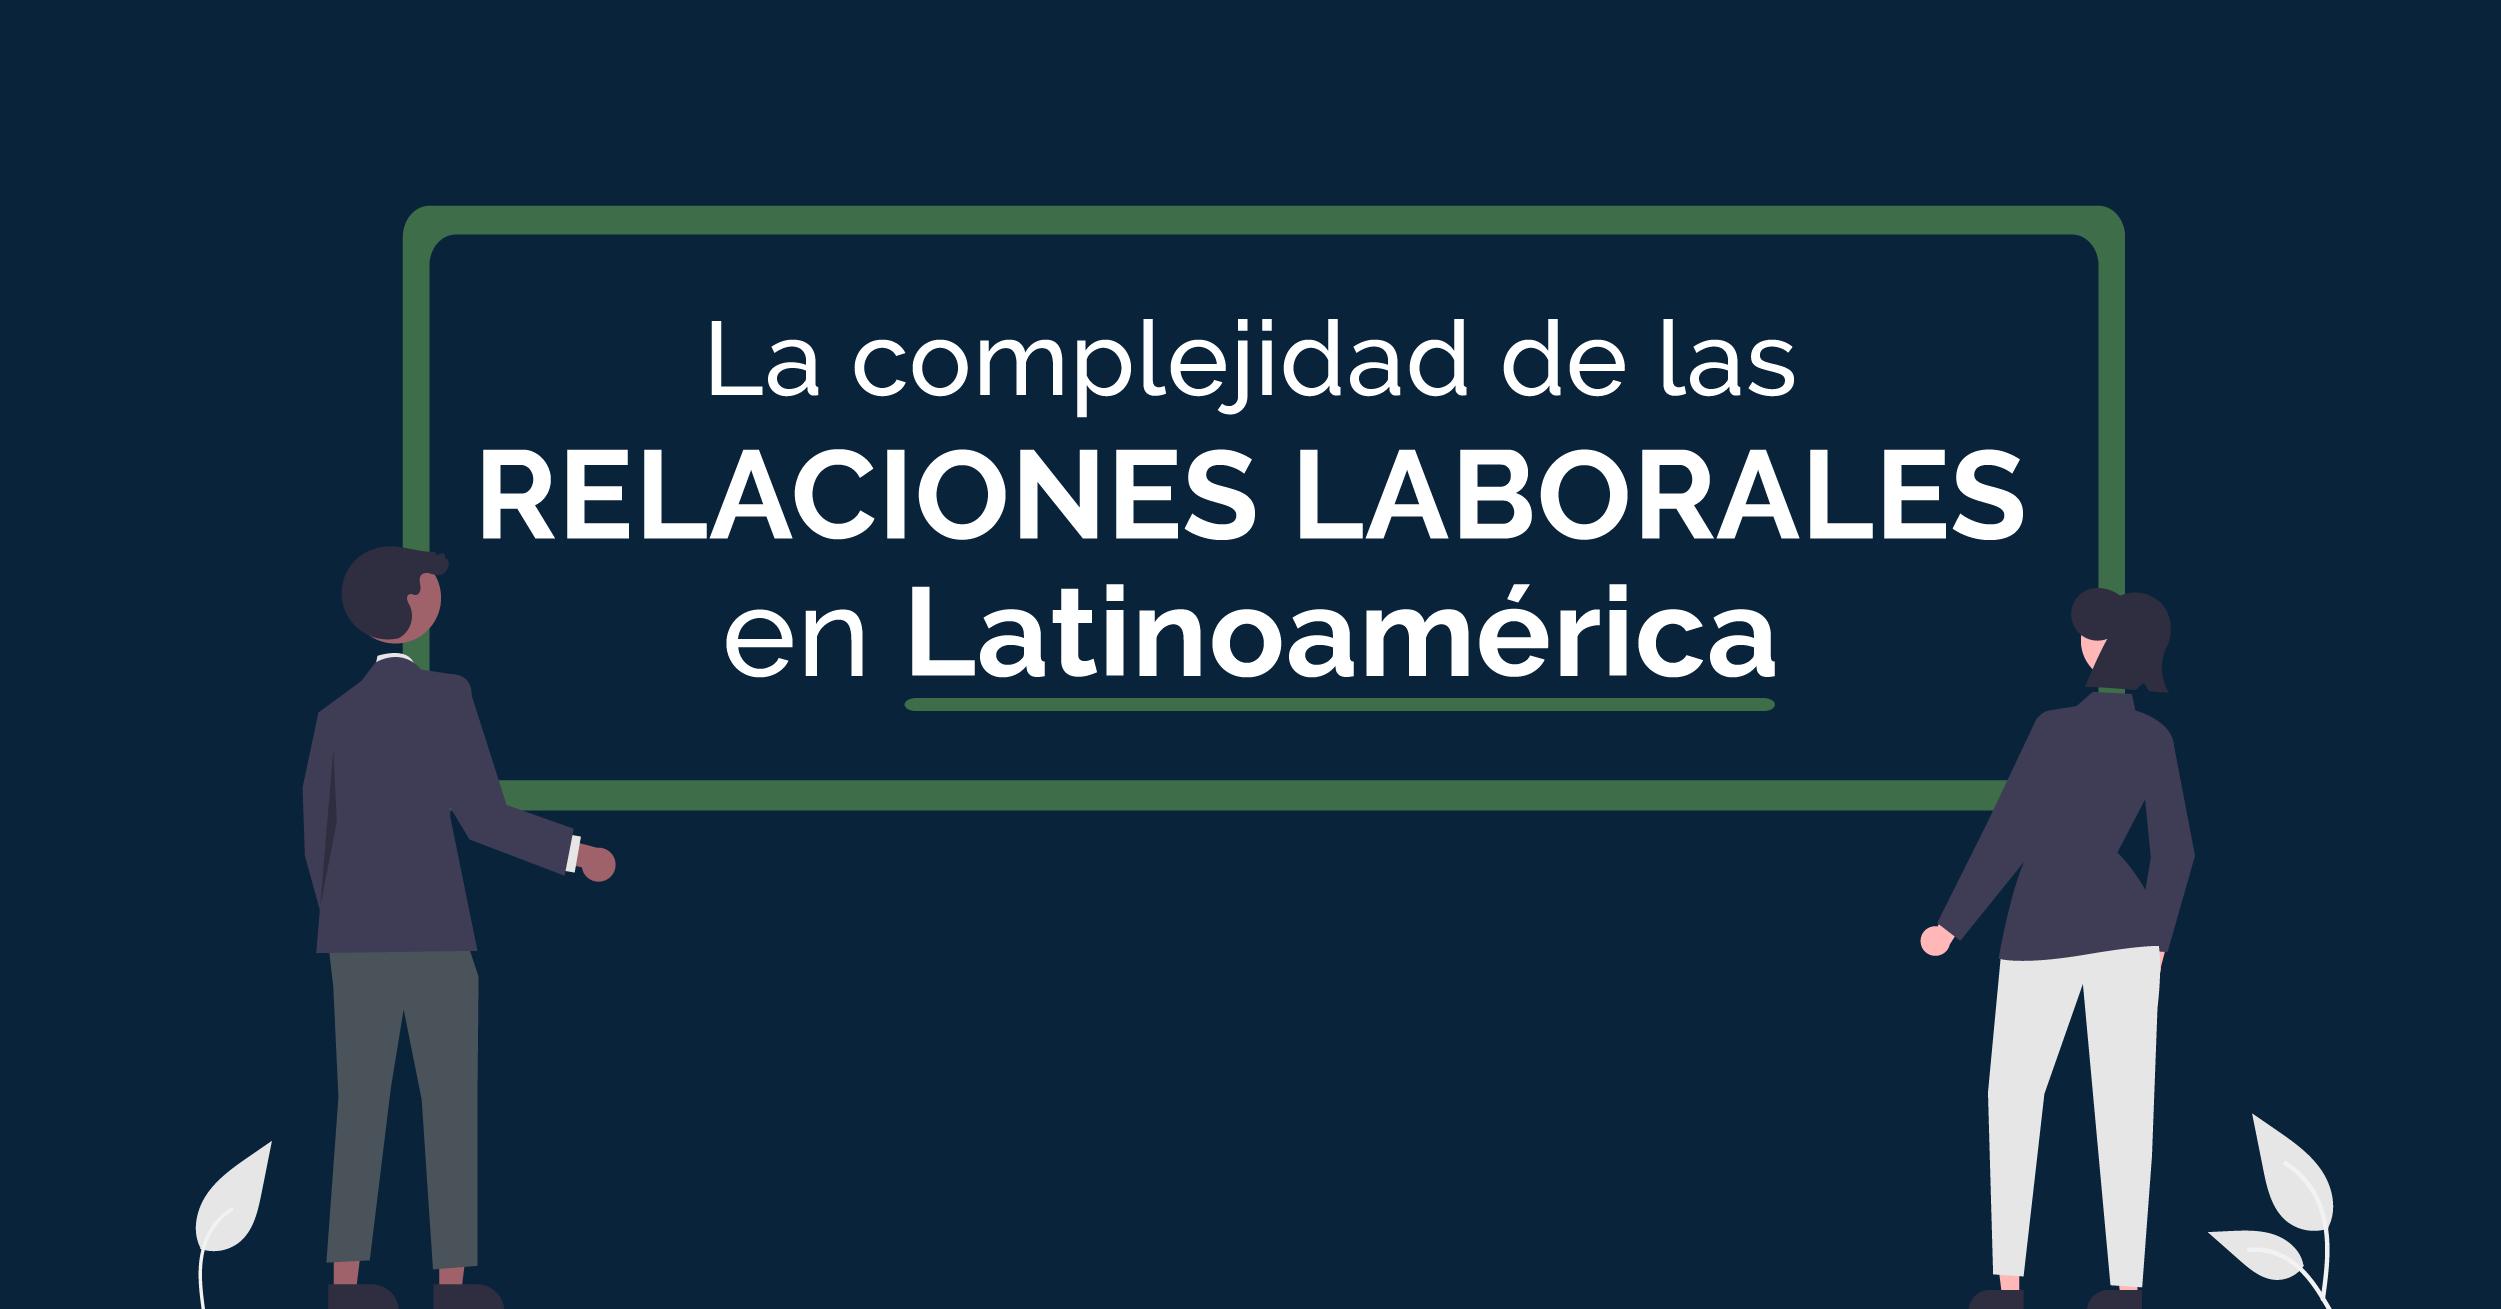 La complejidad de las relaciones laborales en Latinoamérica